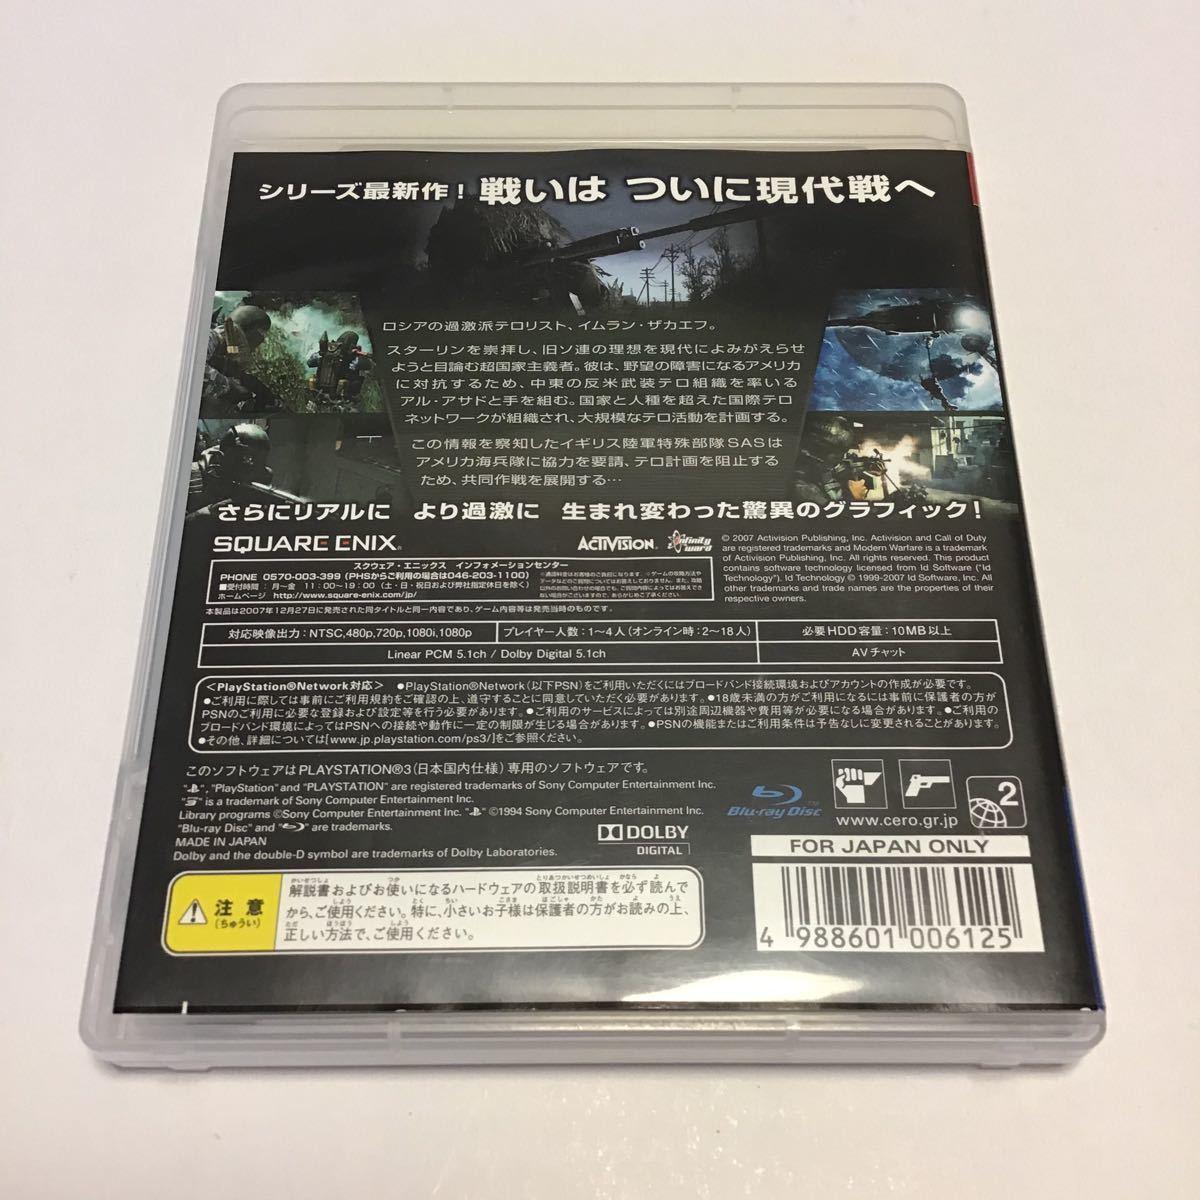 【PS3】 コール オブ デューティ4 モダン・ウォーフェア [通常版]